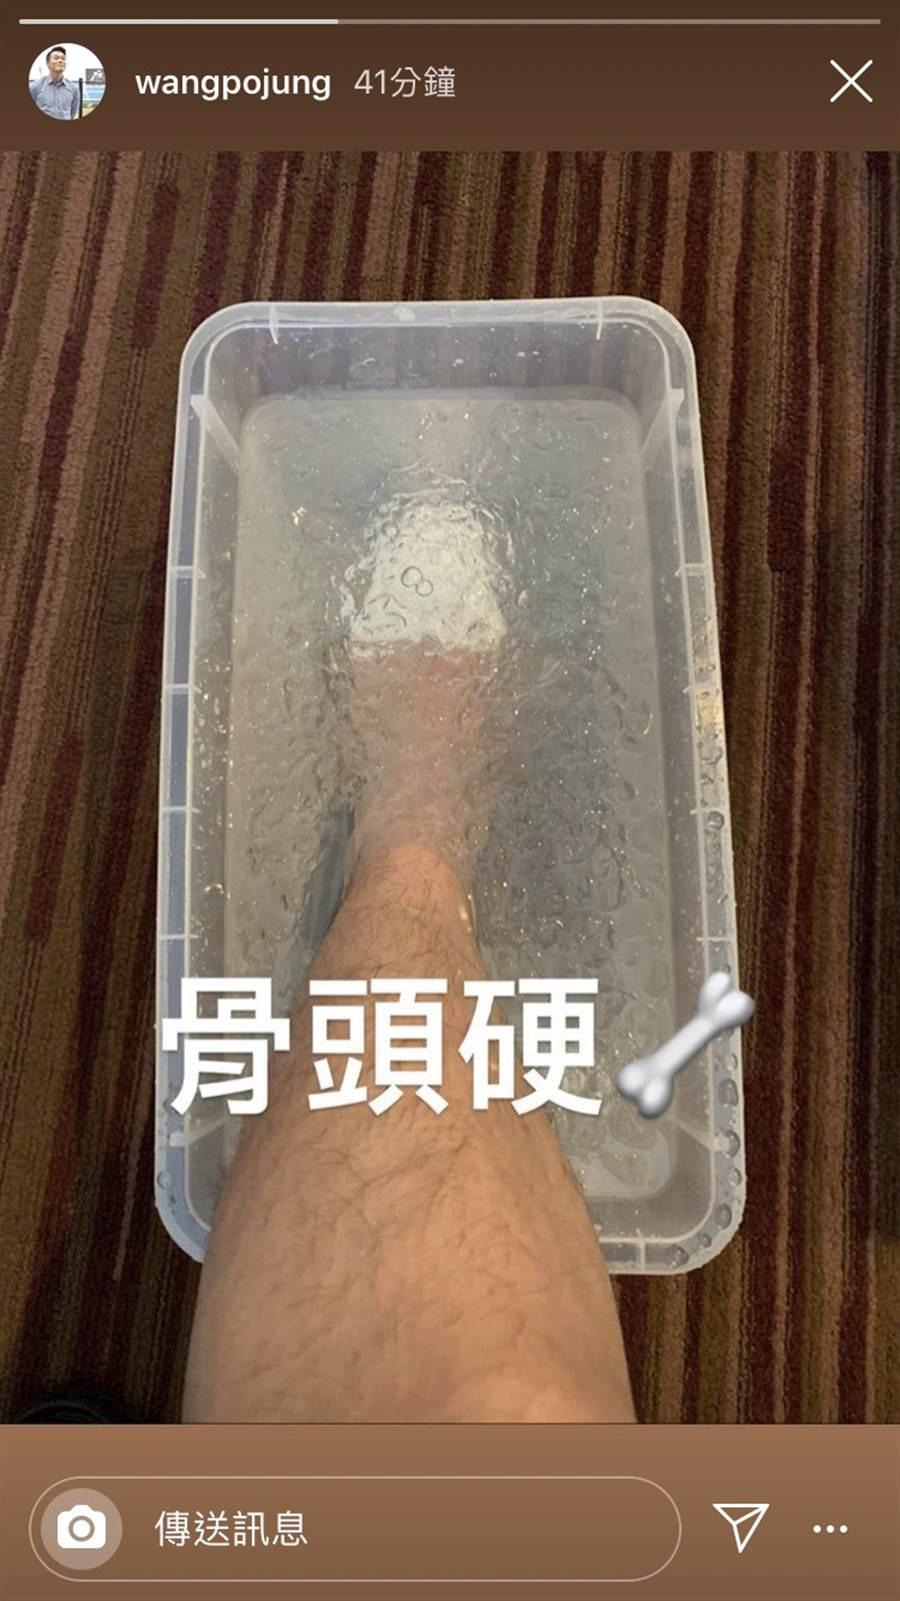 王柏融在個人IG上報平安,貼出自己正在冰敷的照片,寫下「骨頭硬」。(截自王柏融IG @wangpojung)